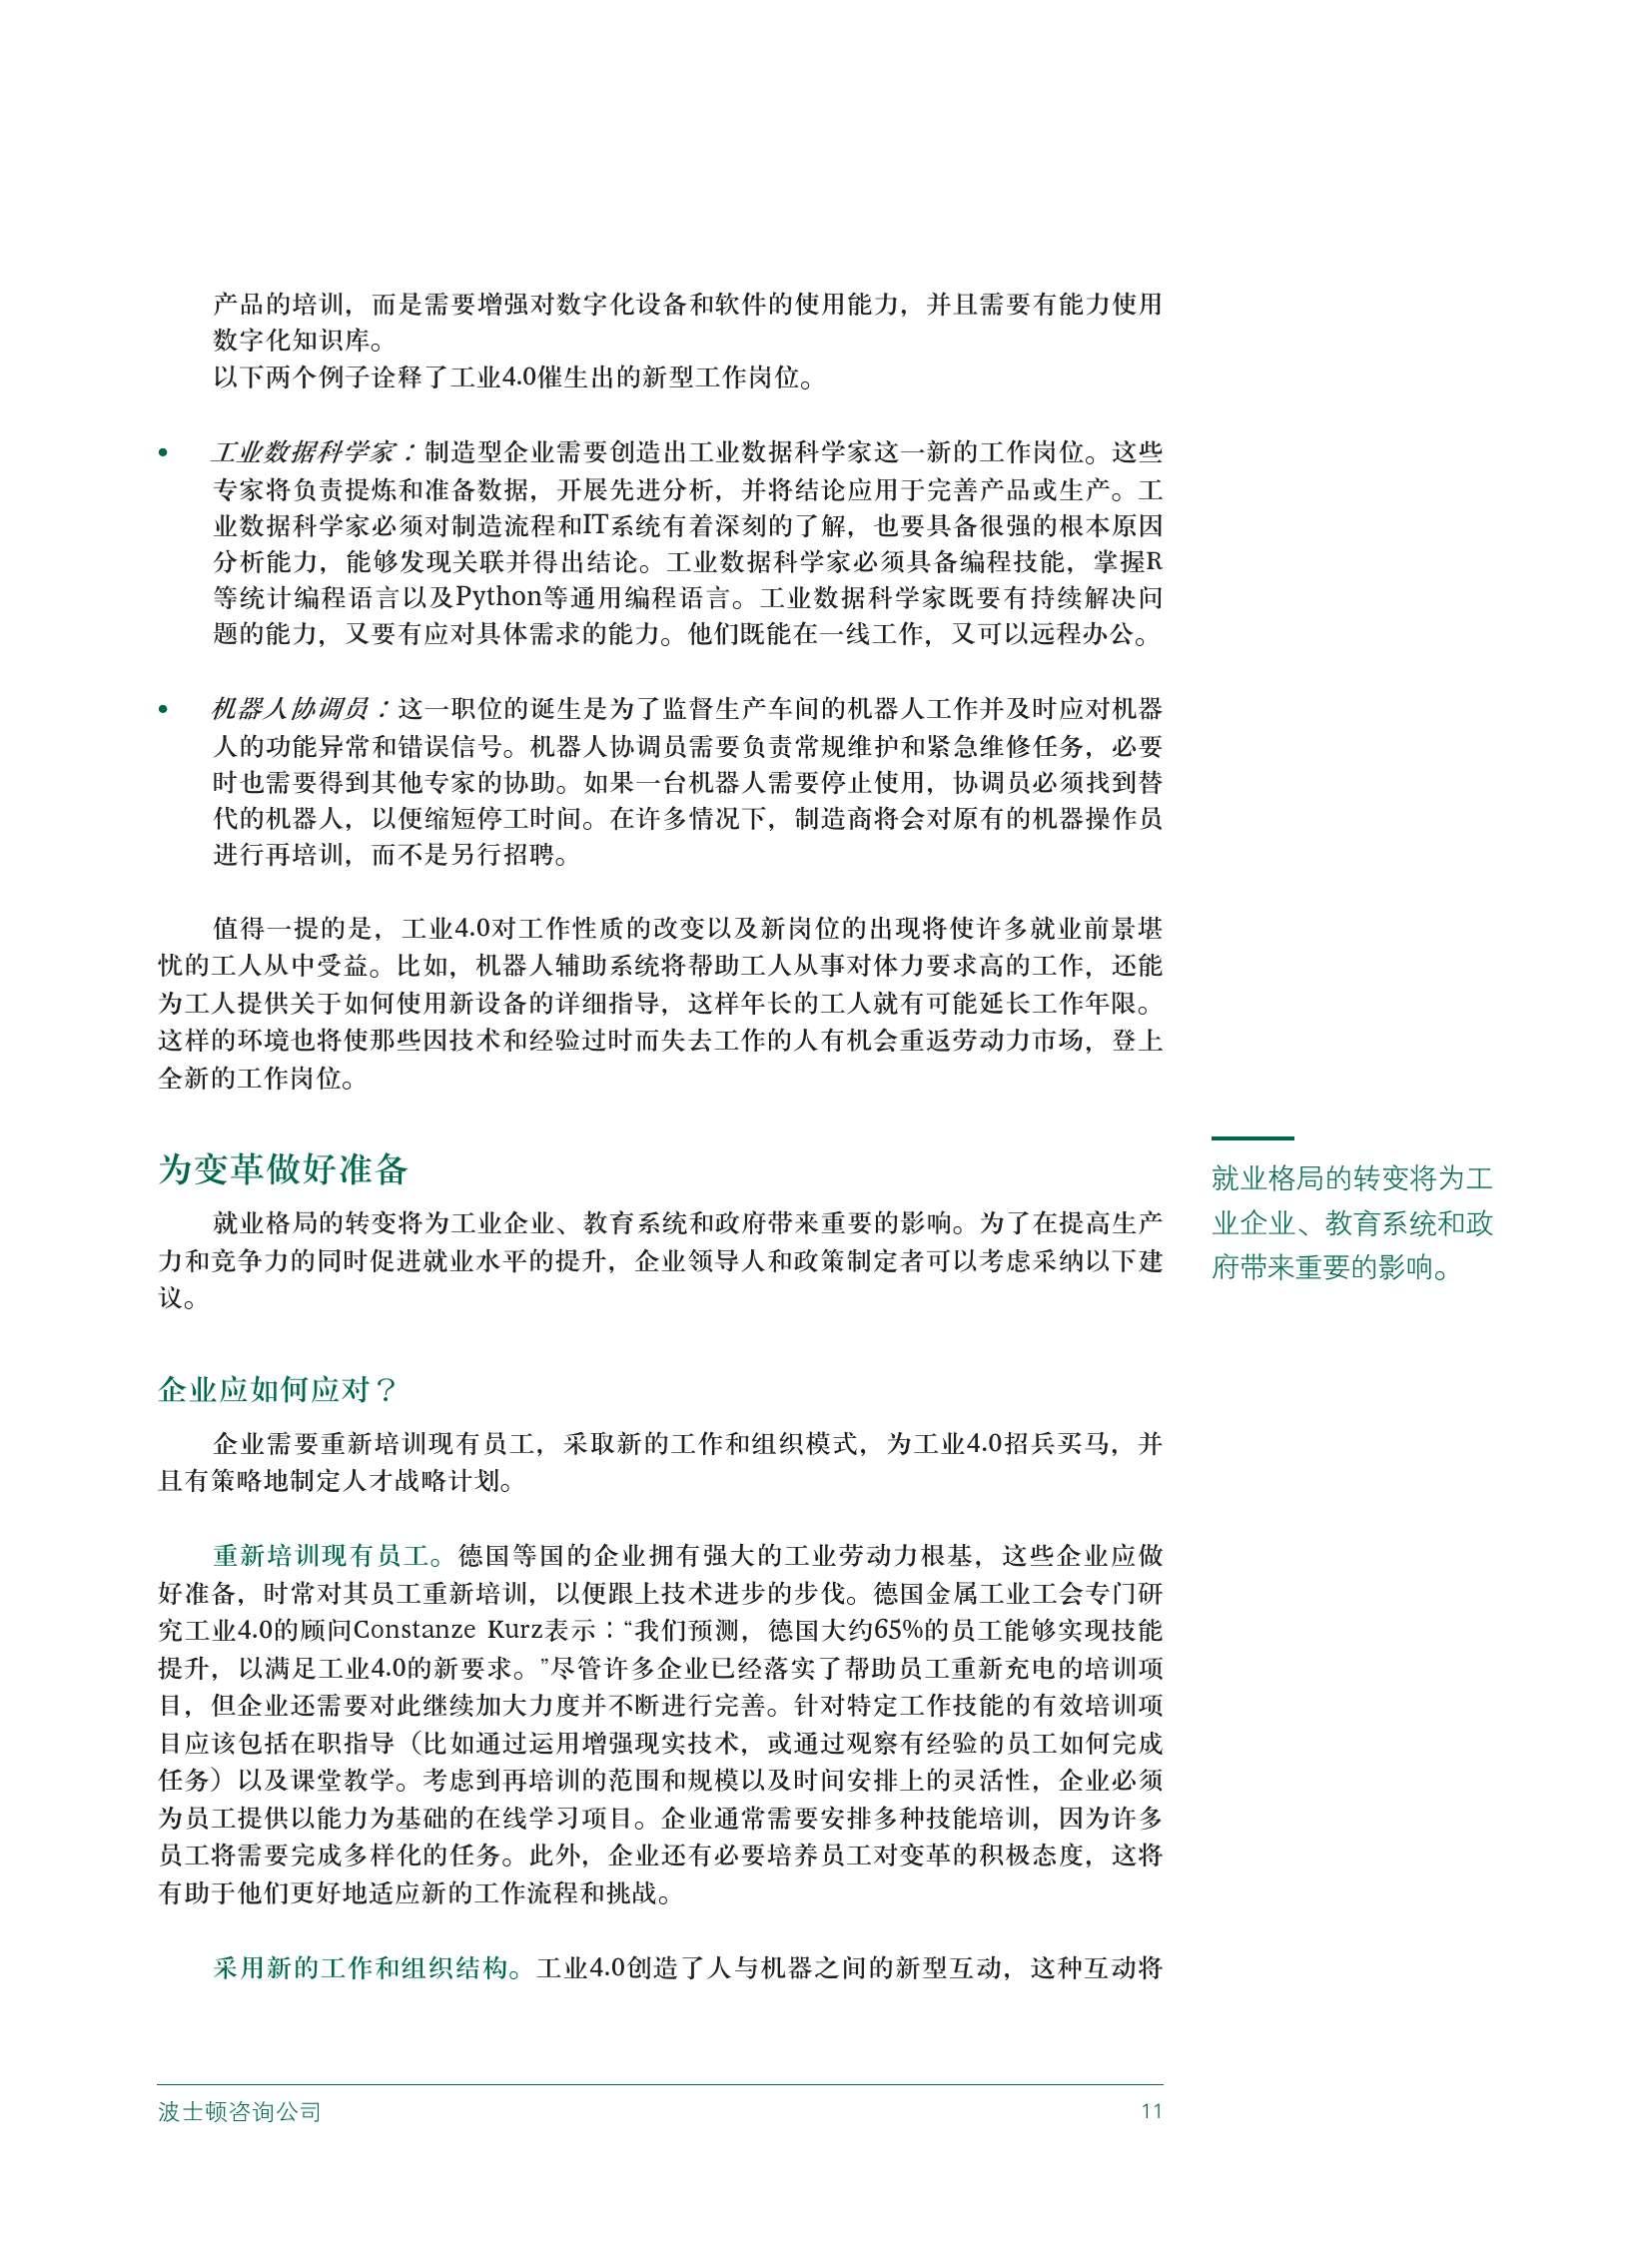 工业4.0时代的人机关系_000013